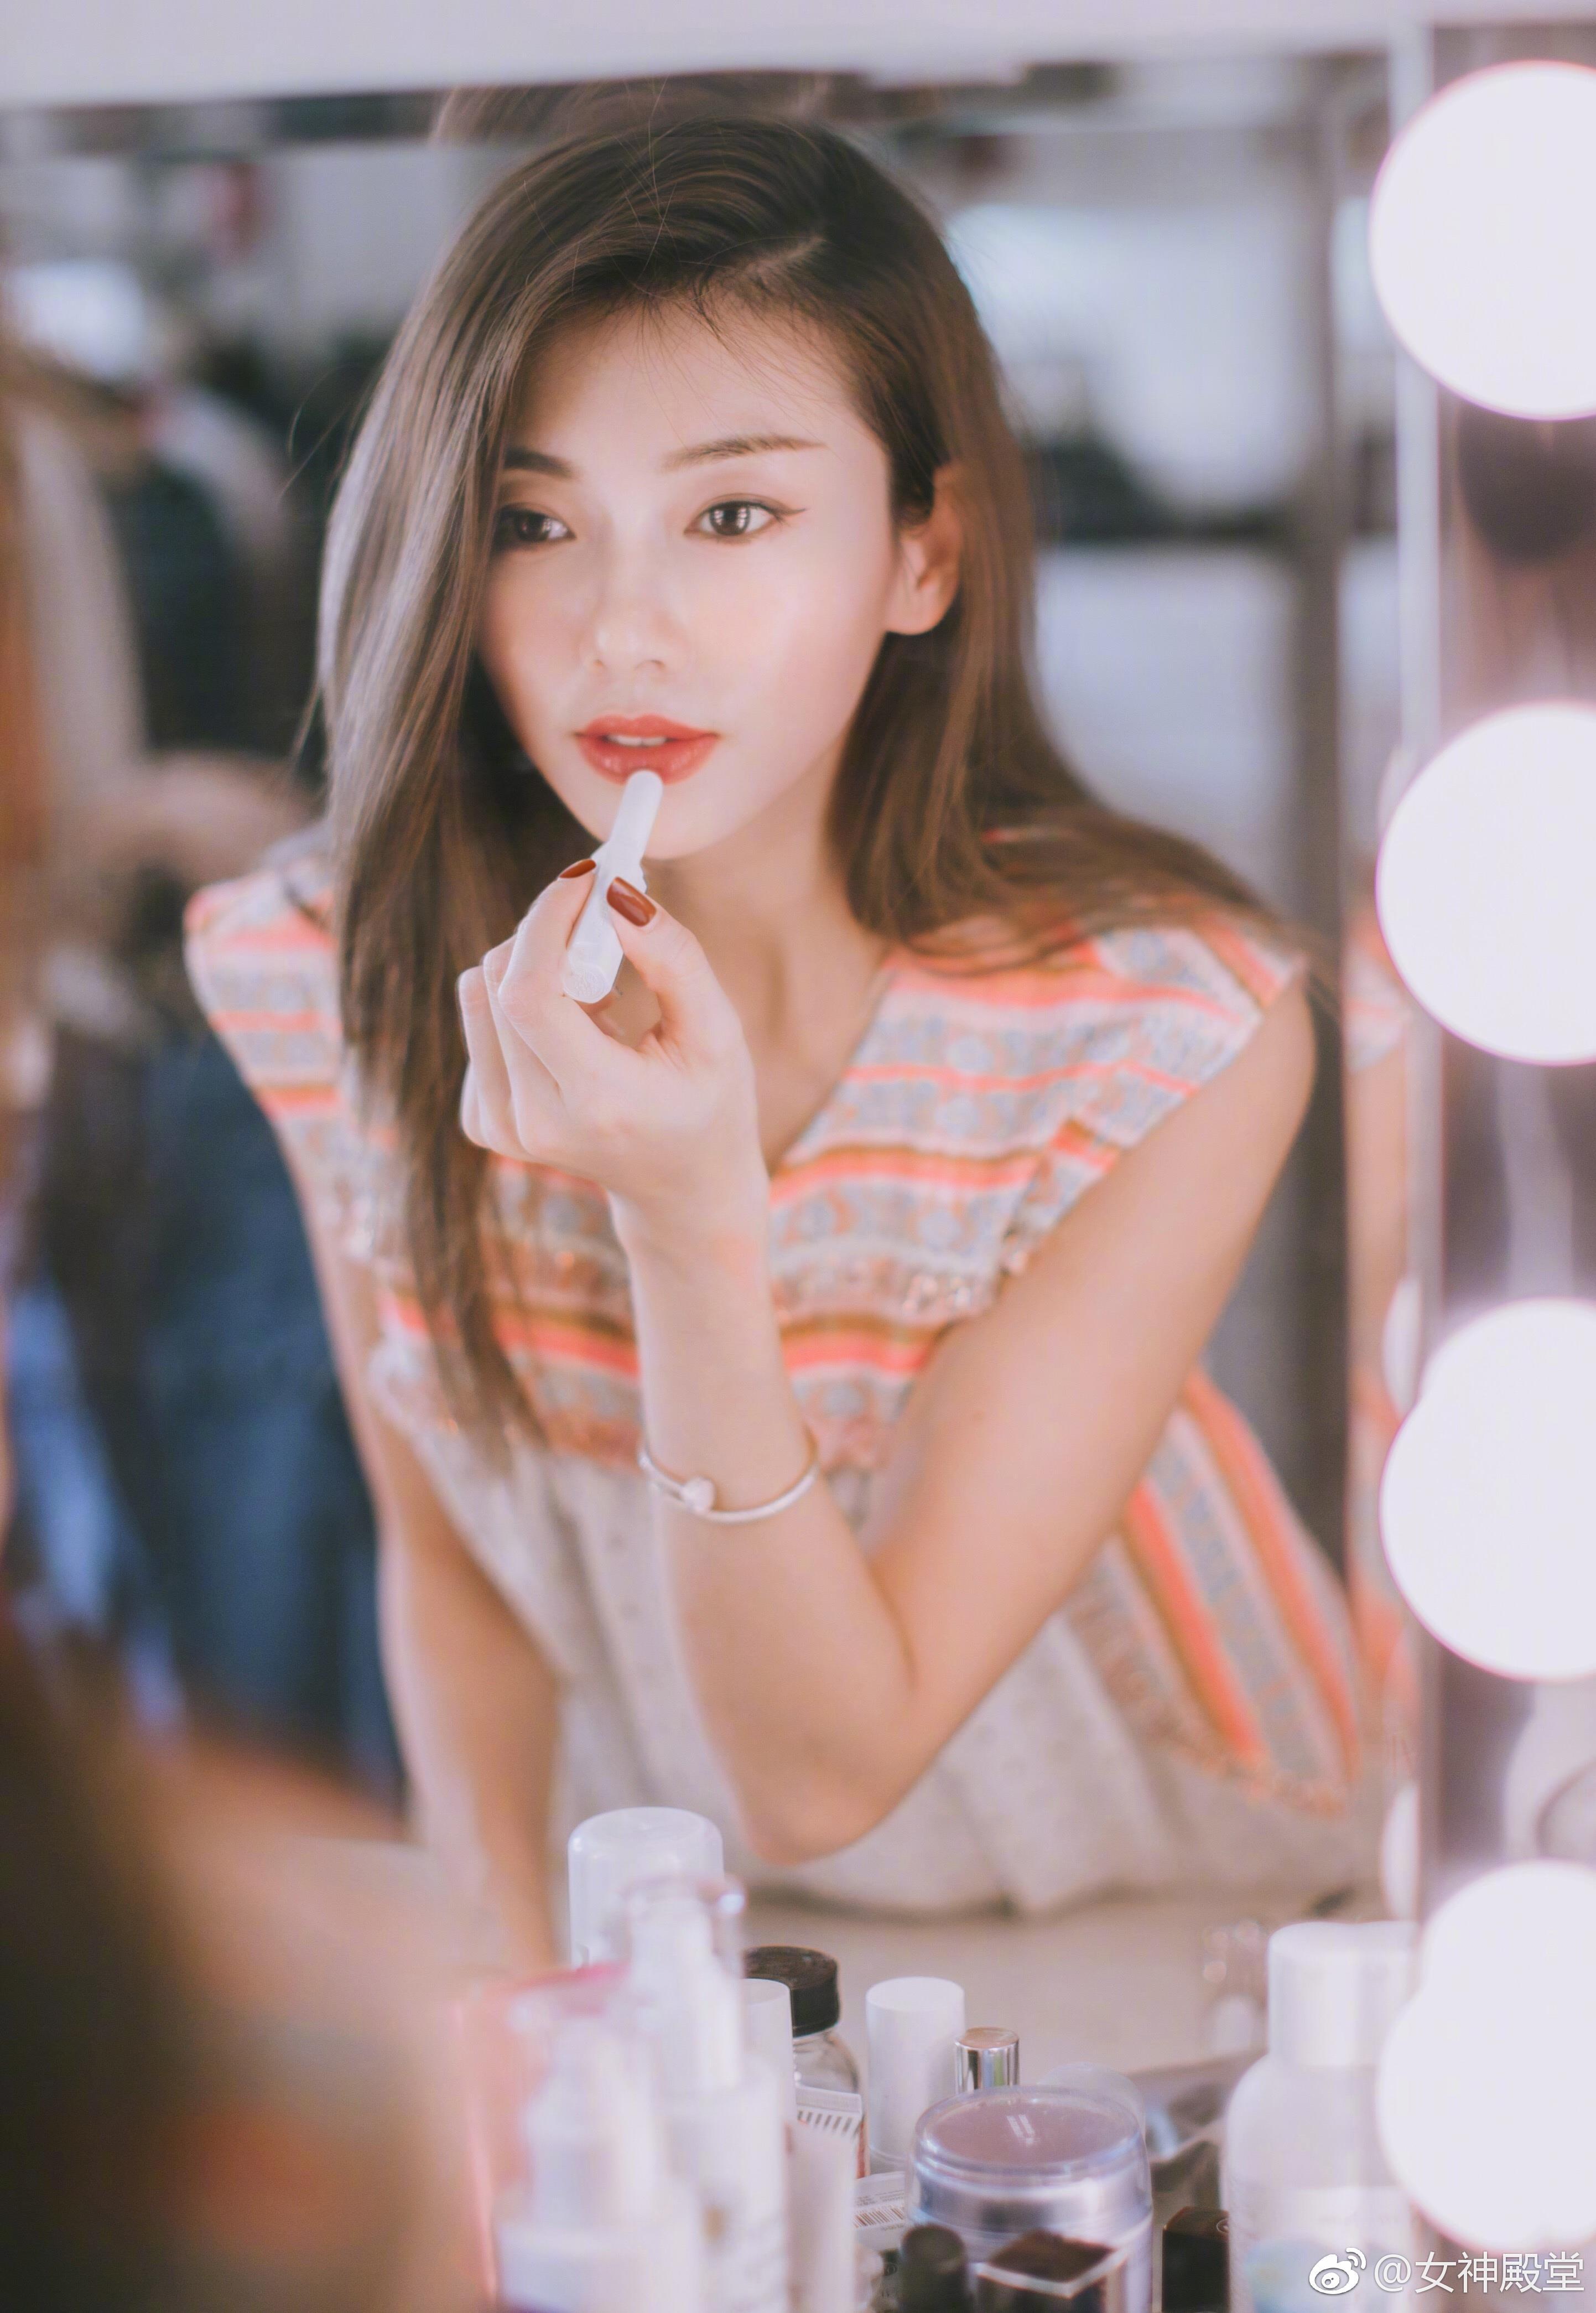 美人如花绽放 魅力不同凡响 程晓玥分手后愈发迷人了